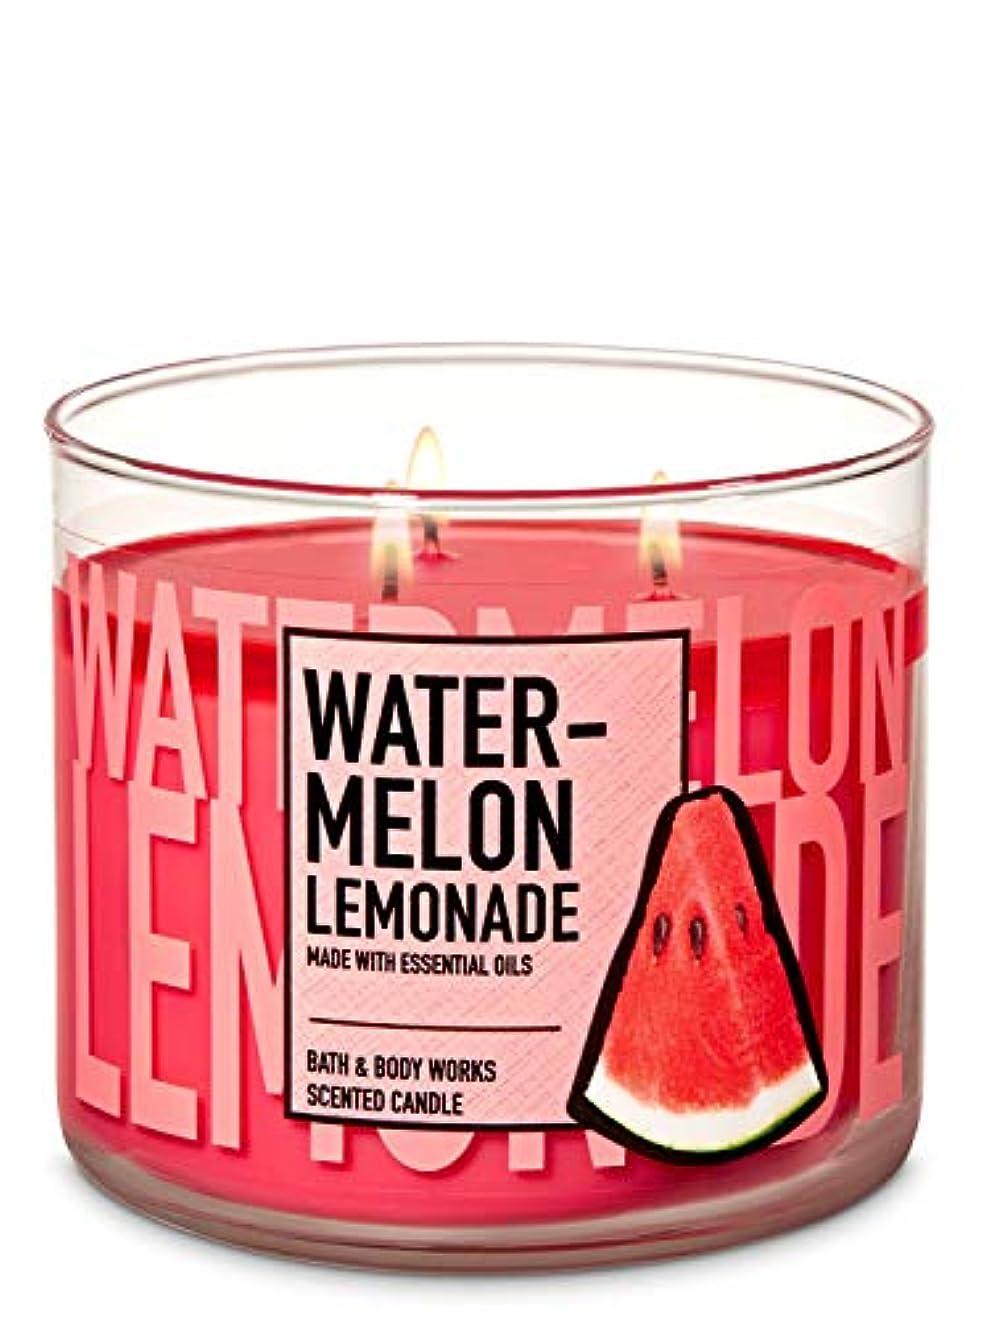 ガムアストロラーベロッカー【Bath&Body Works/バス&ボディワークス】 アロマキャンドル ウォーターメロンレモネード 3-Wick Scented Candle Watermelon Lemonade 14.5oz/411g [並行輸入品]